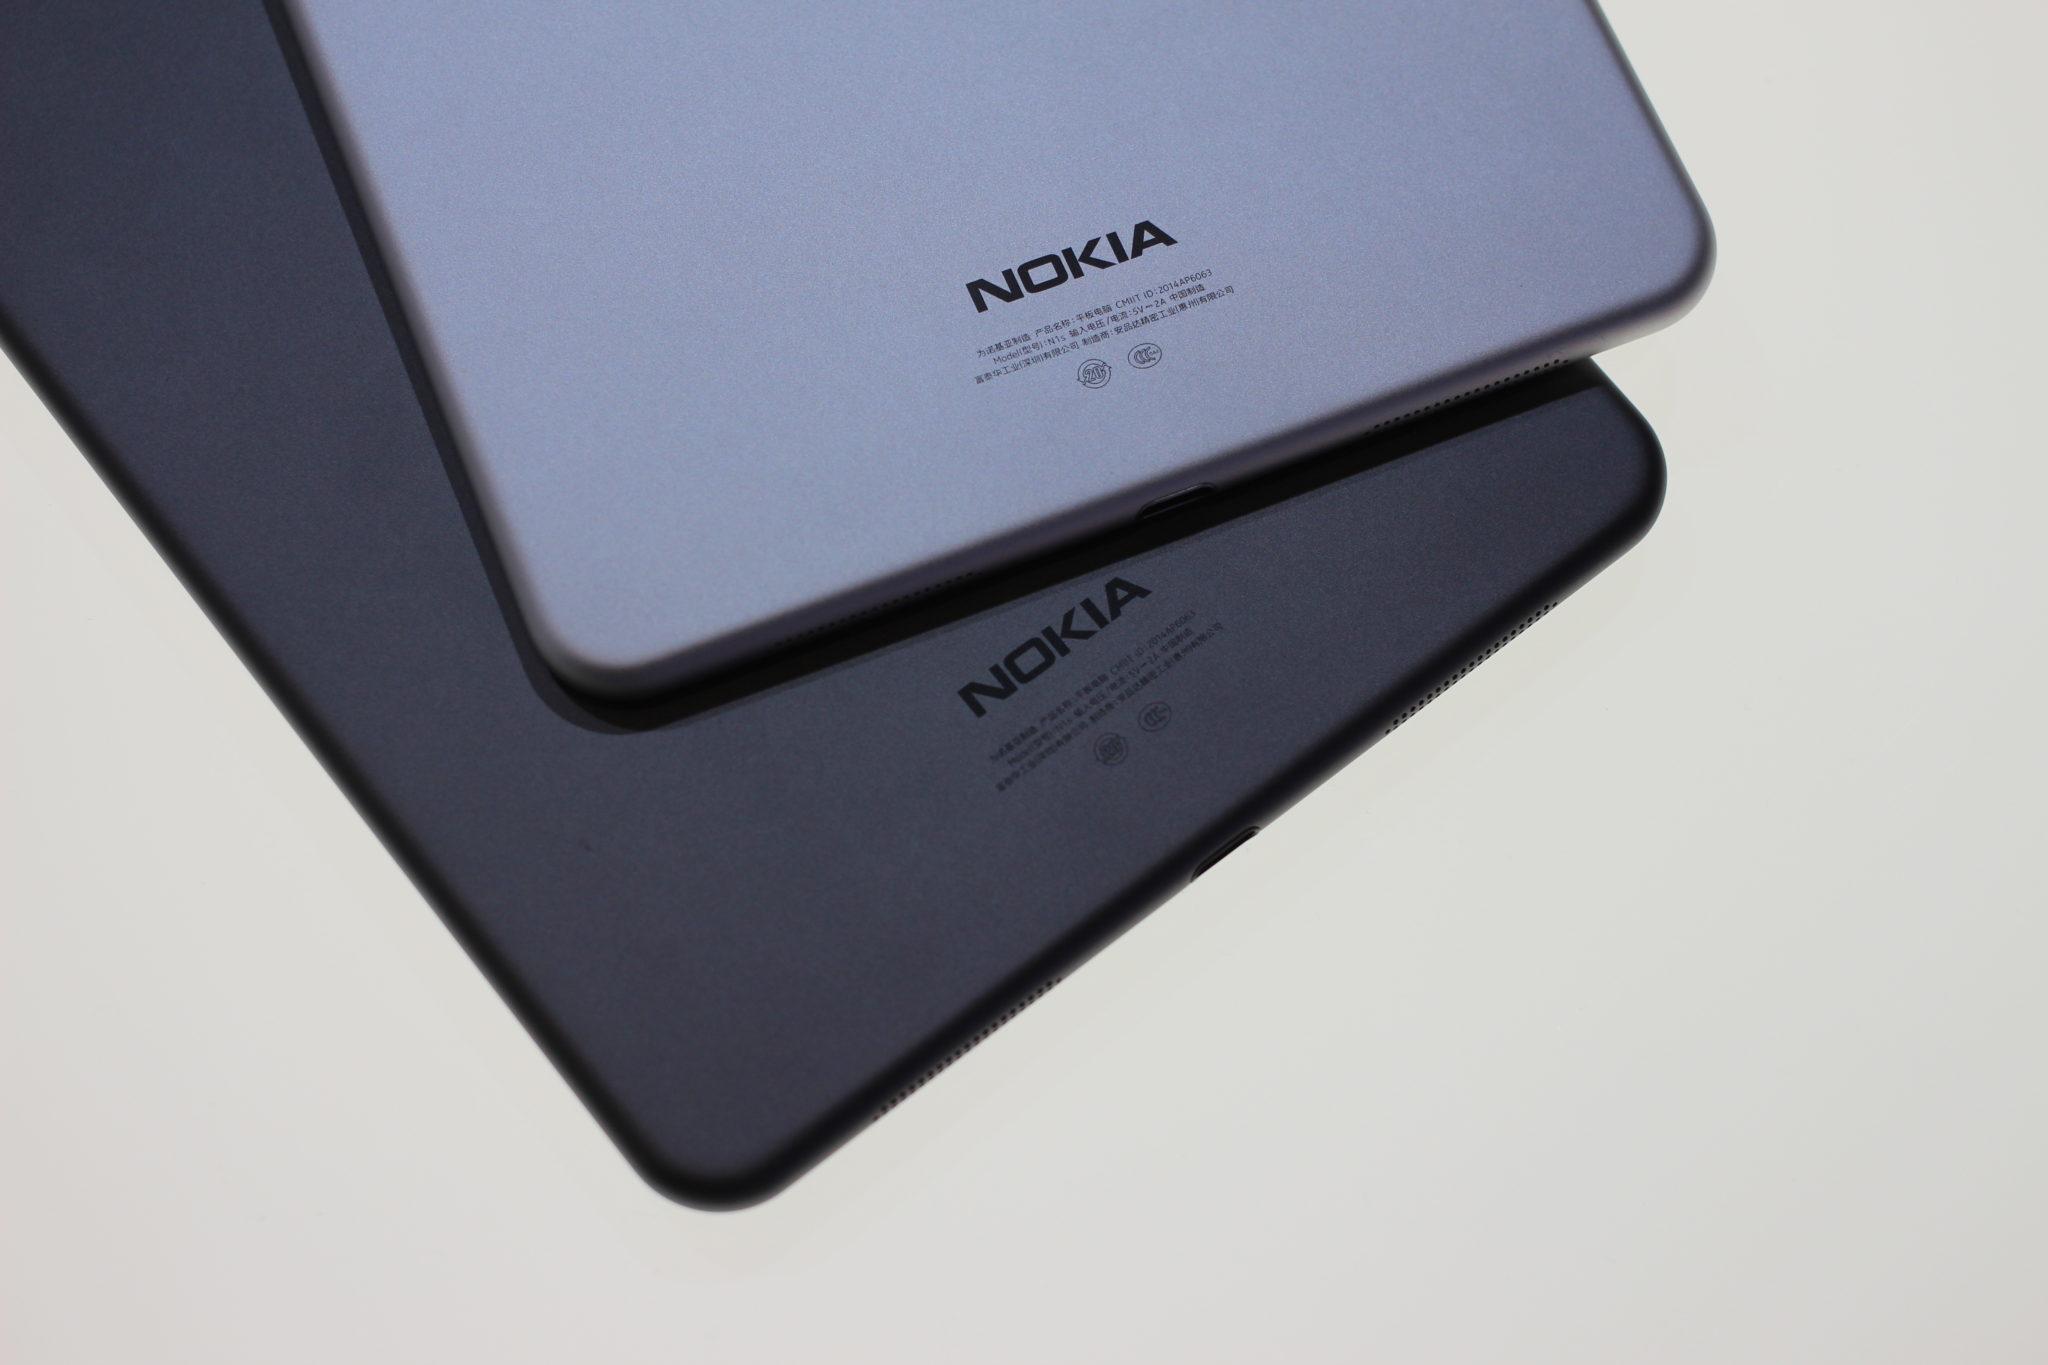 Nokia zřejmě chystá tablet, prozrazuje to záznam v GFXBench